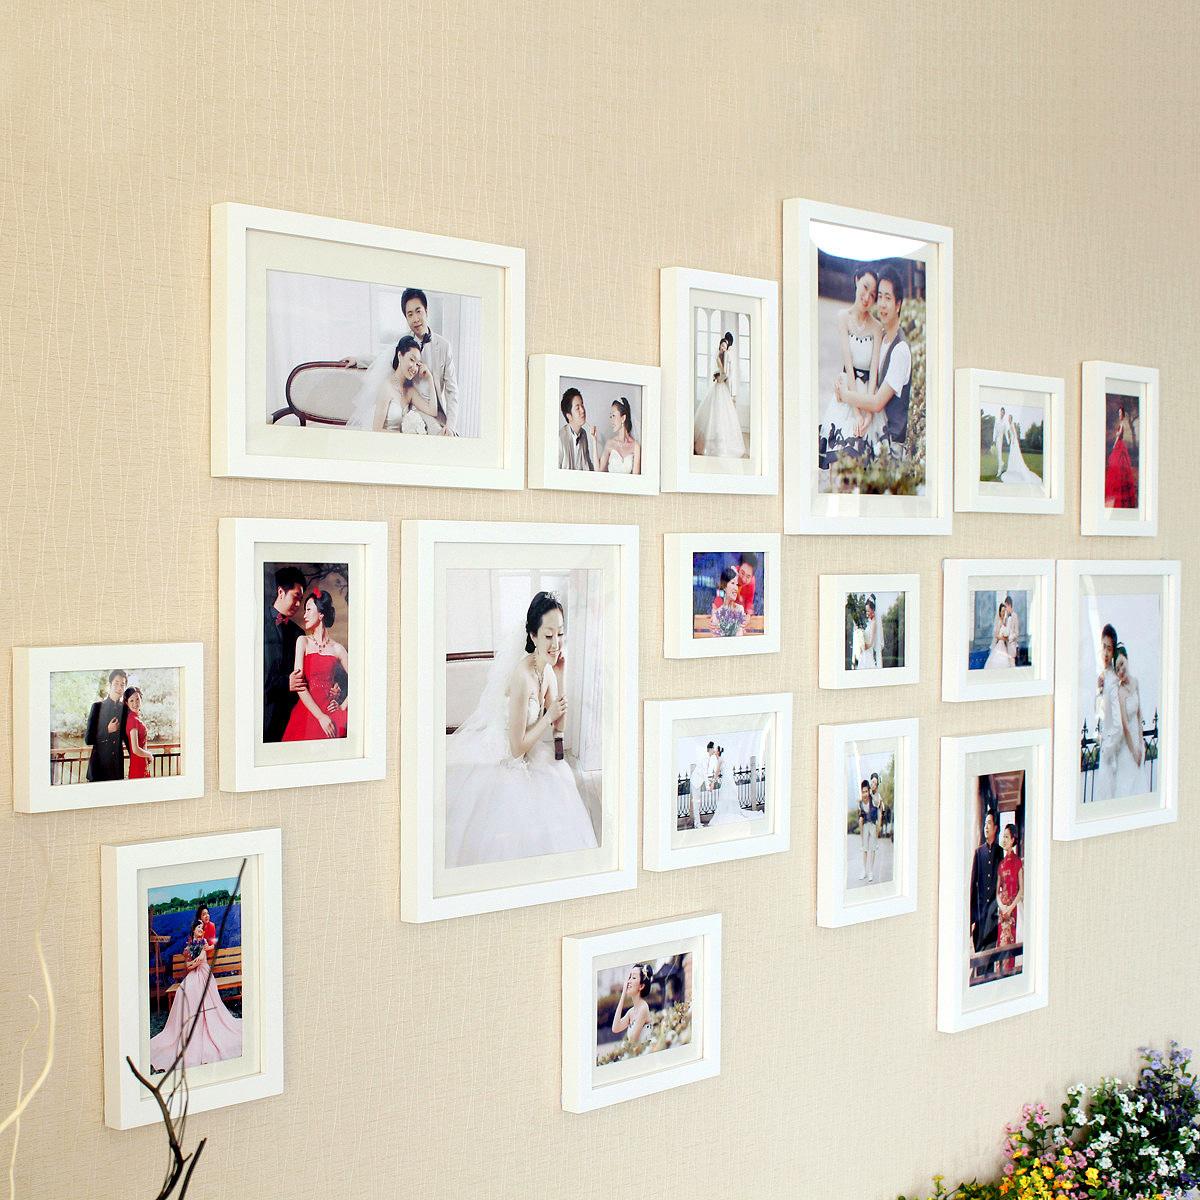 全悦实木质照片墙家居客厅生活结婚照相片墙相框创意组合像片装饰